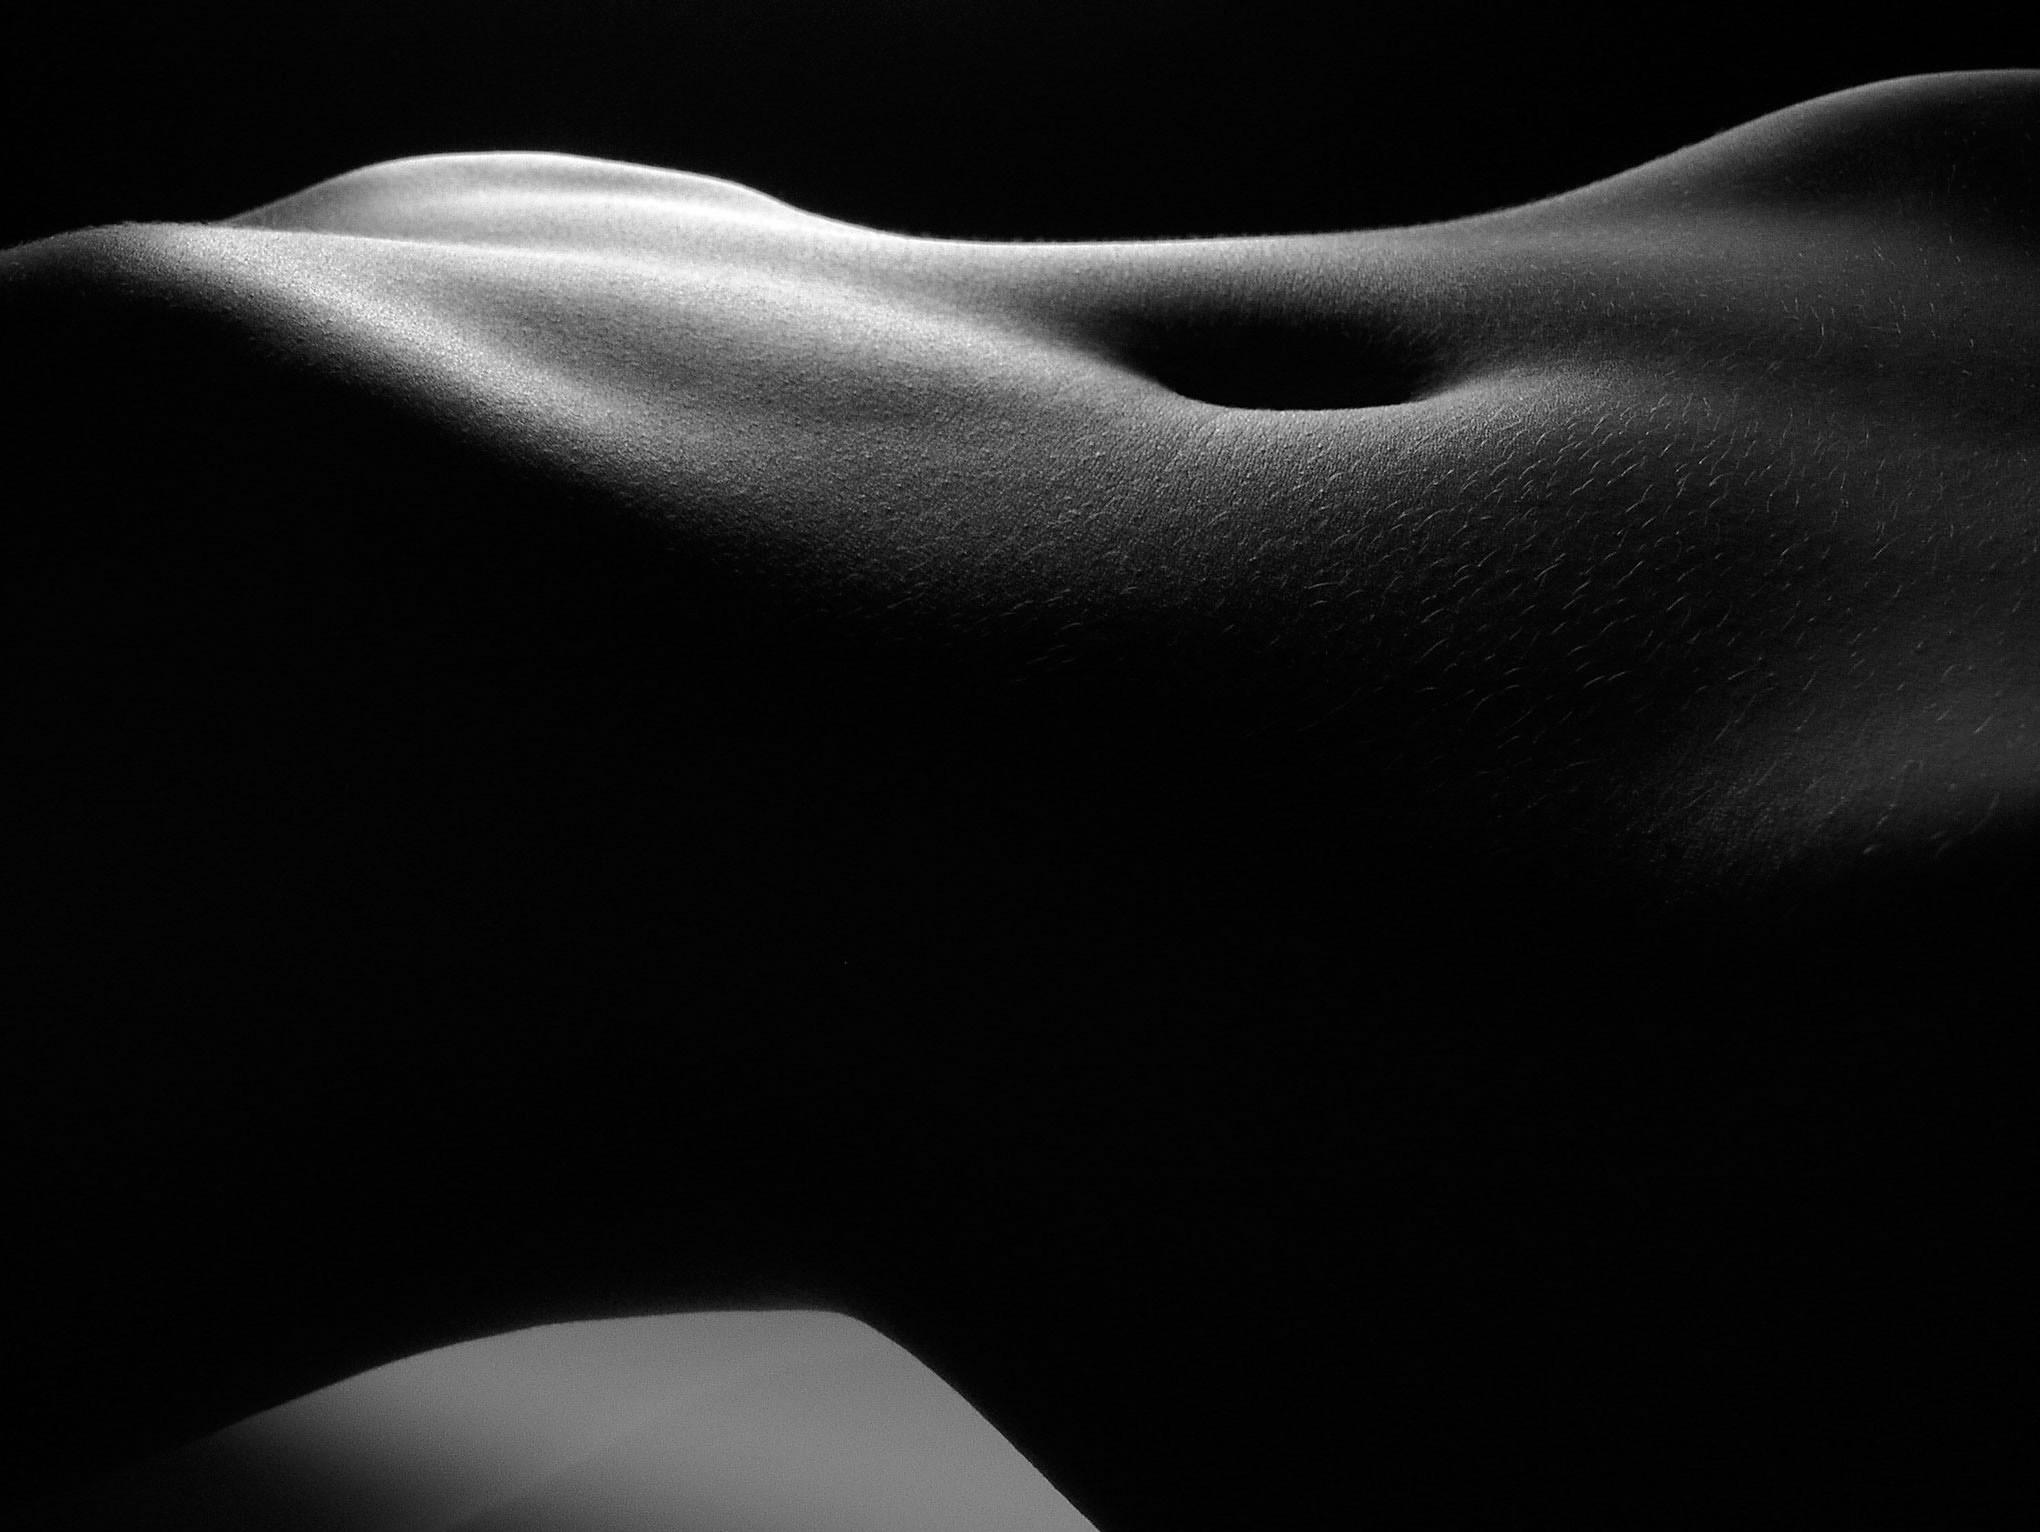 Сексуальные черно белые фото 9 фотография